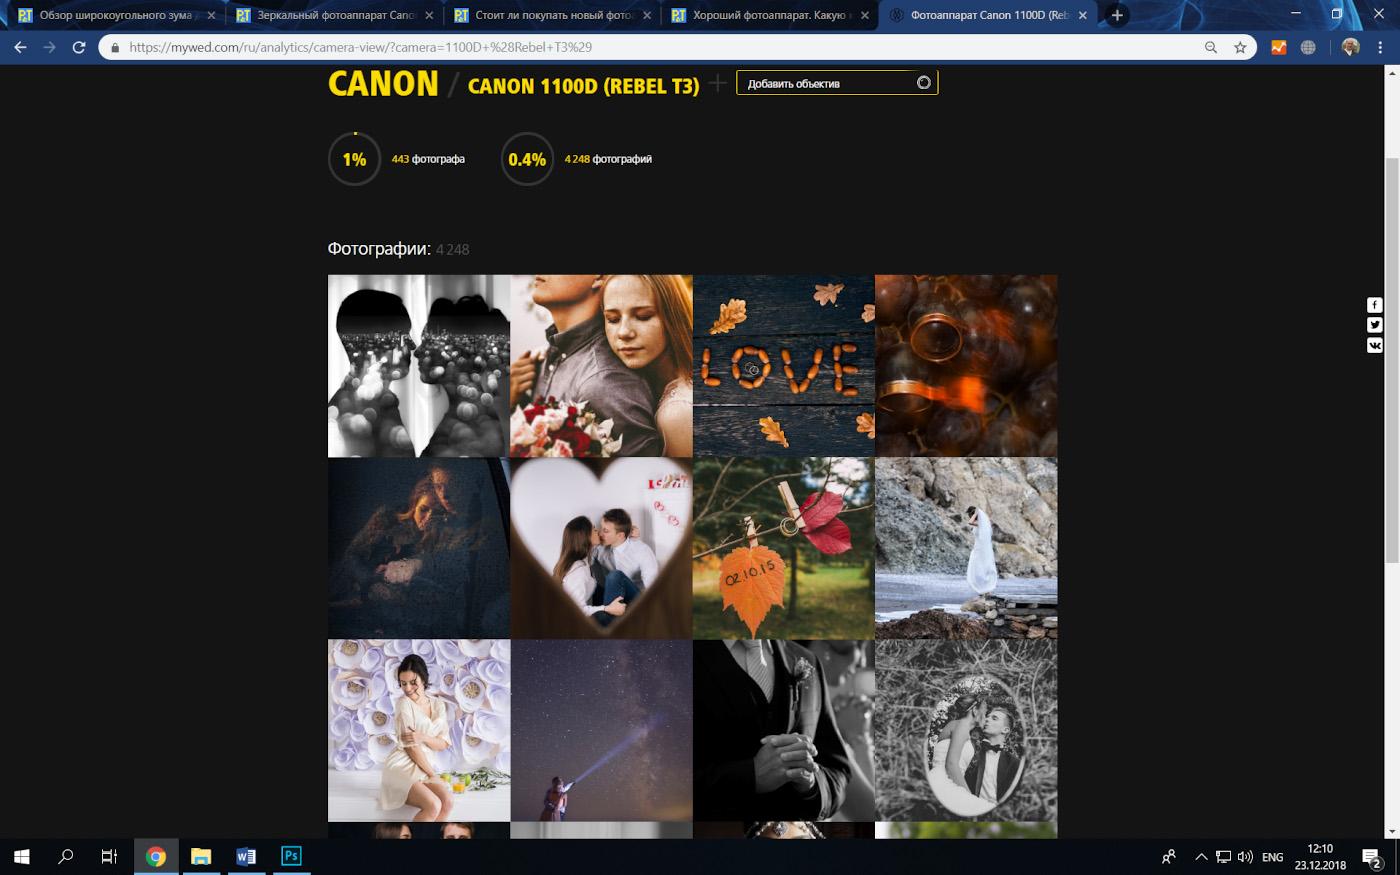 Фото 39. КРОПнутая Canon EOS 1100D стоит на вторичном рынке в 40 раз дешевле, чем Canon EOS 1D X Mark II, но и ее с успехом используют для съемки свадеб. На портале «MyWed» загружено одинаковое количество снимков с этих тушек.